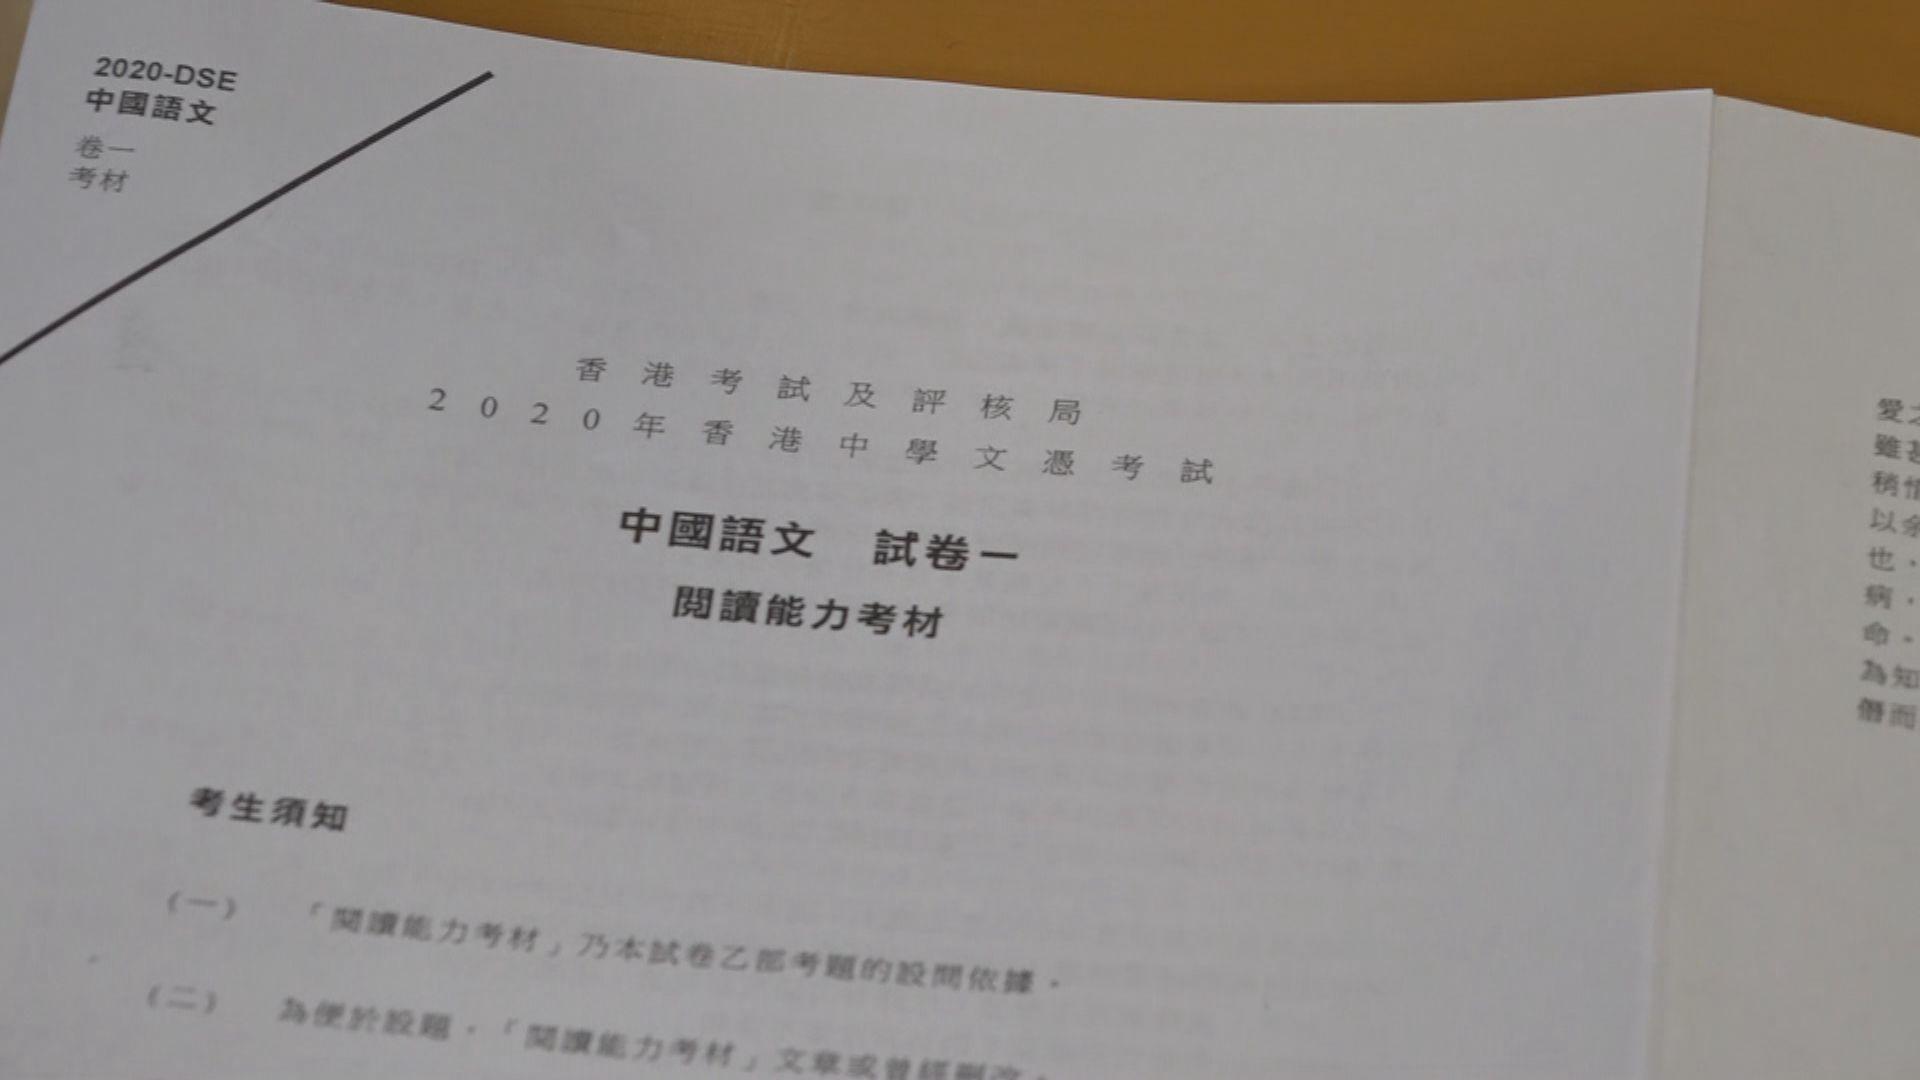 中學文憑試核心科中文科今日開考